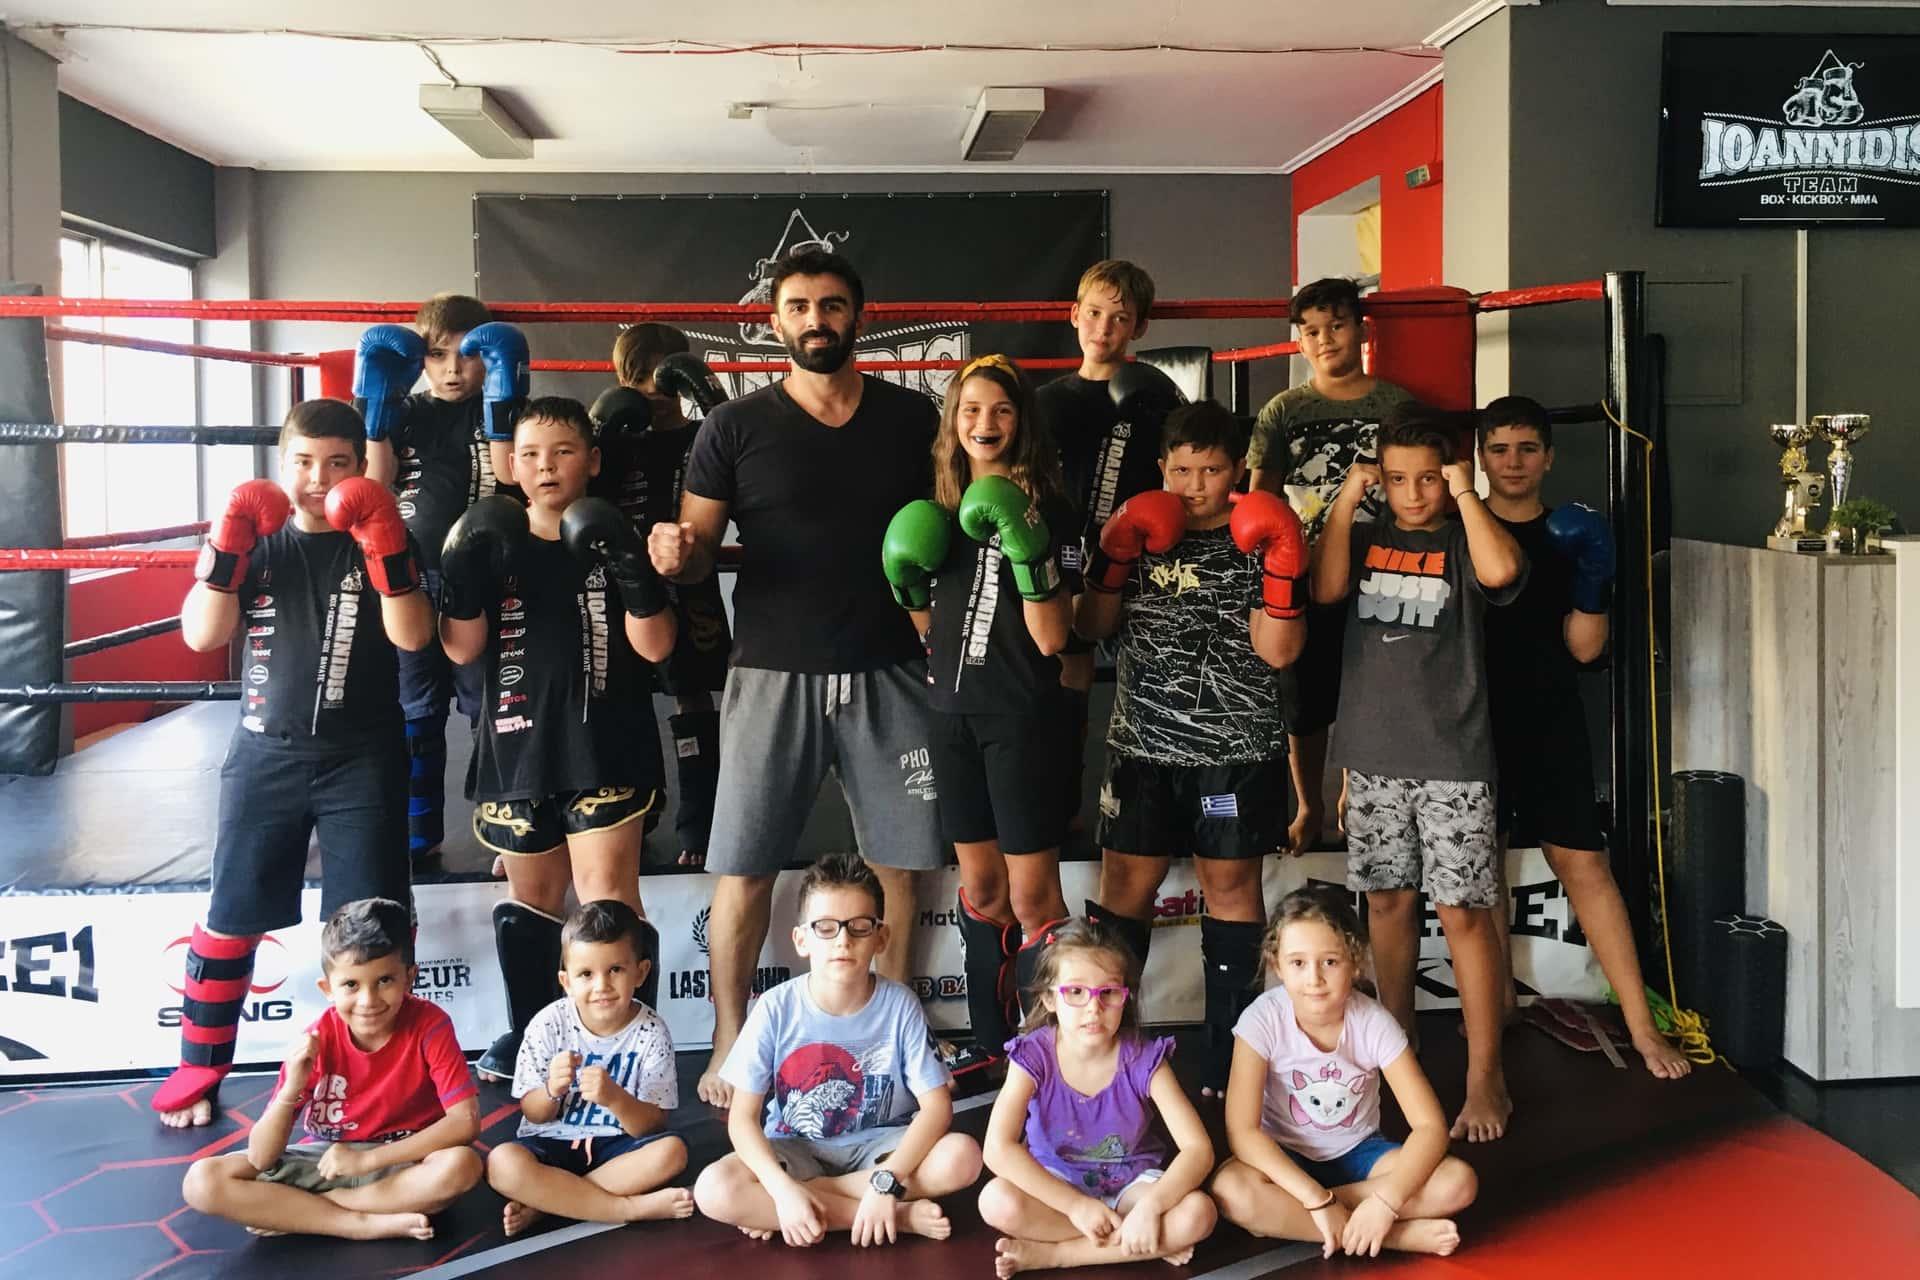 Kickbox box mma ioannidis team kallithea